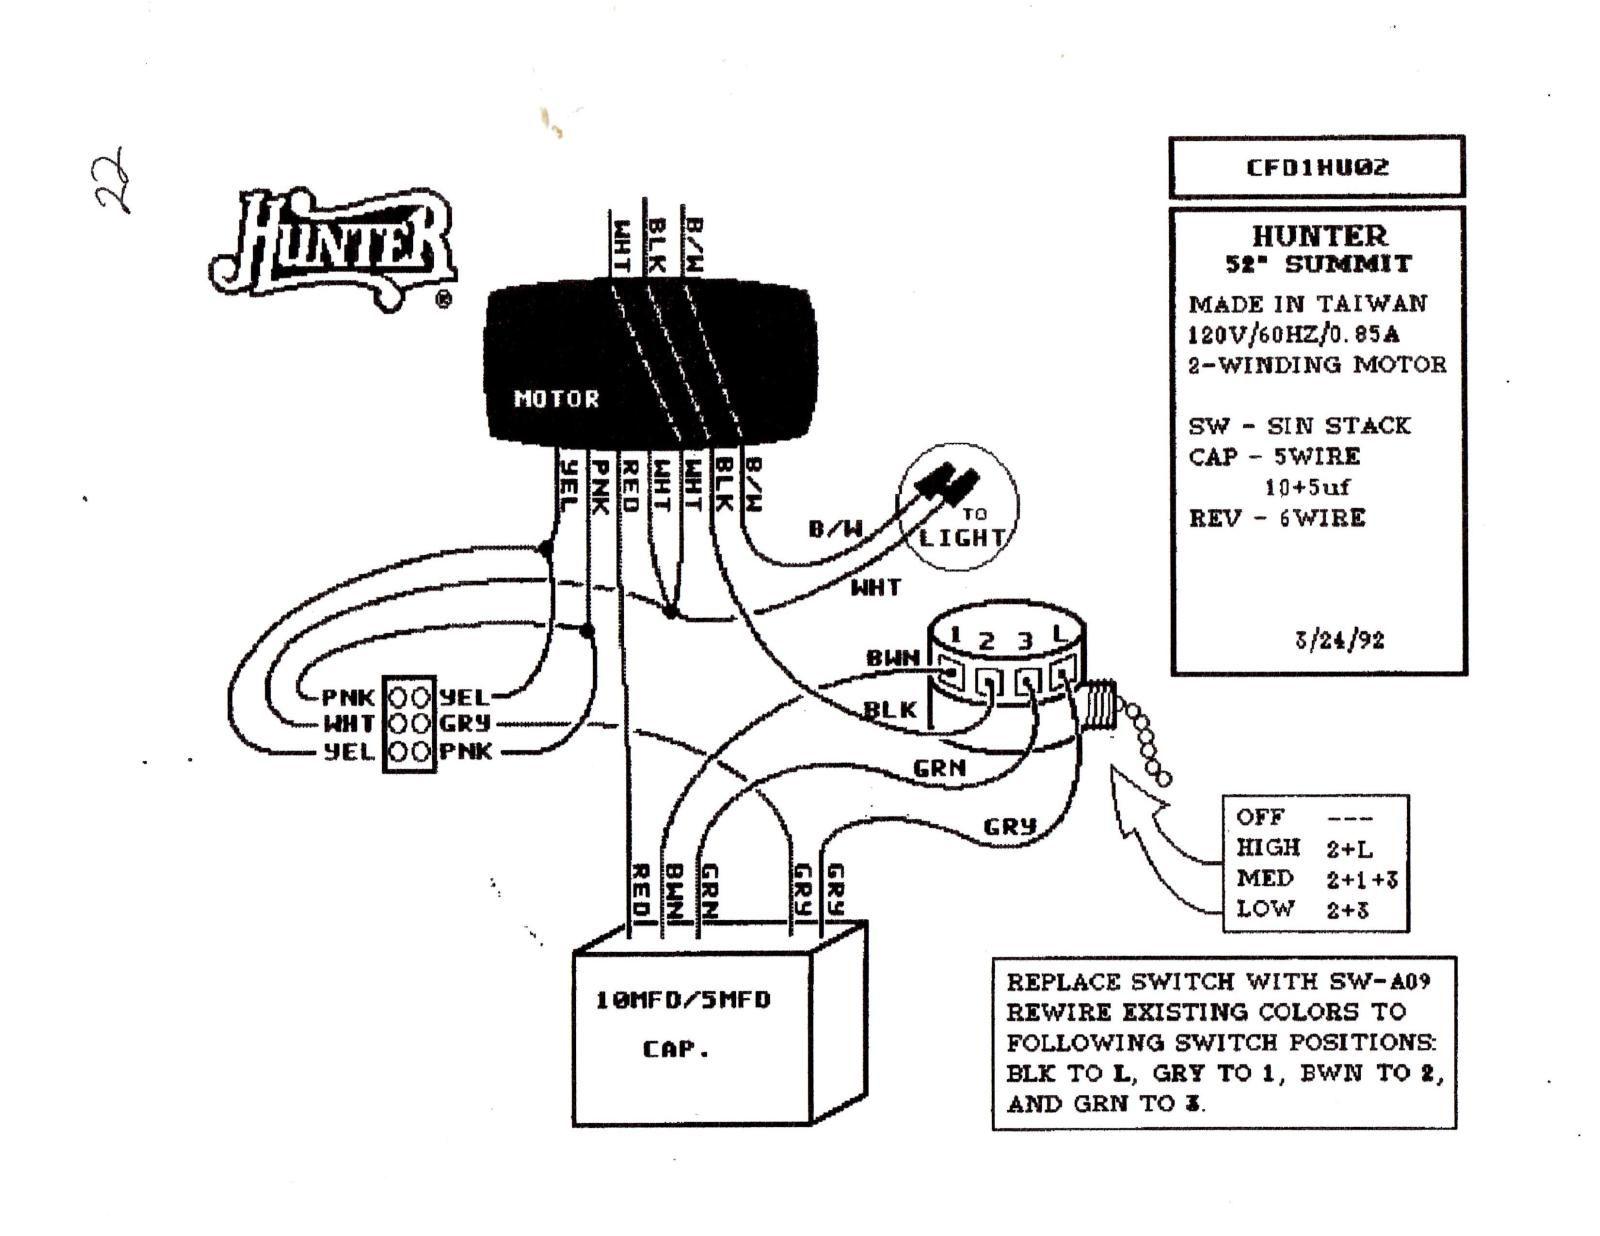 Hunter 4 Wire Ceiling Fan Switch Wiring Diagram